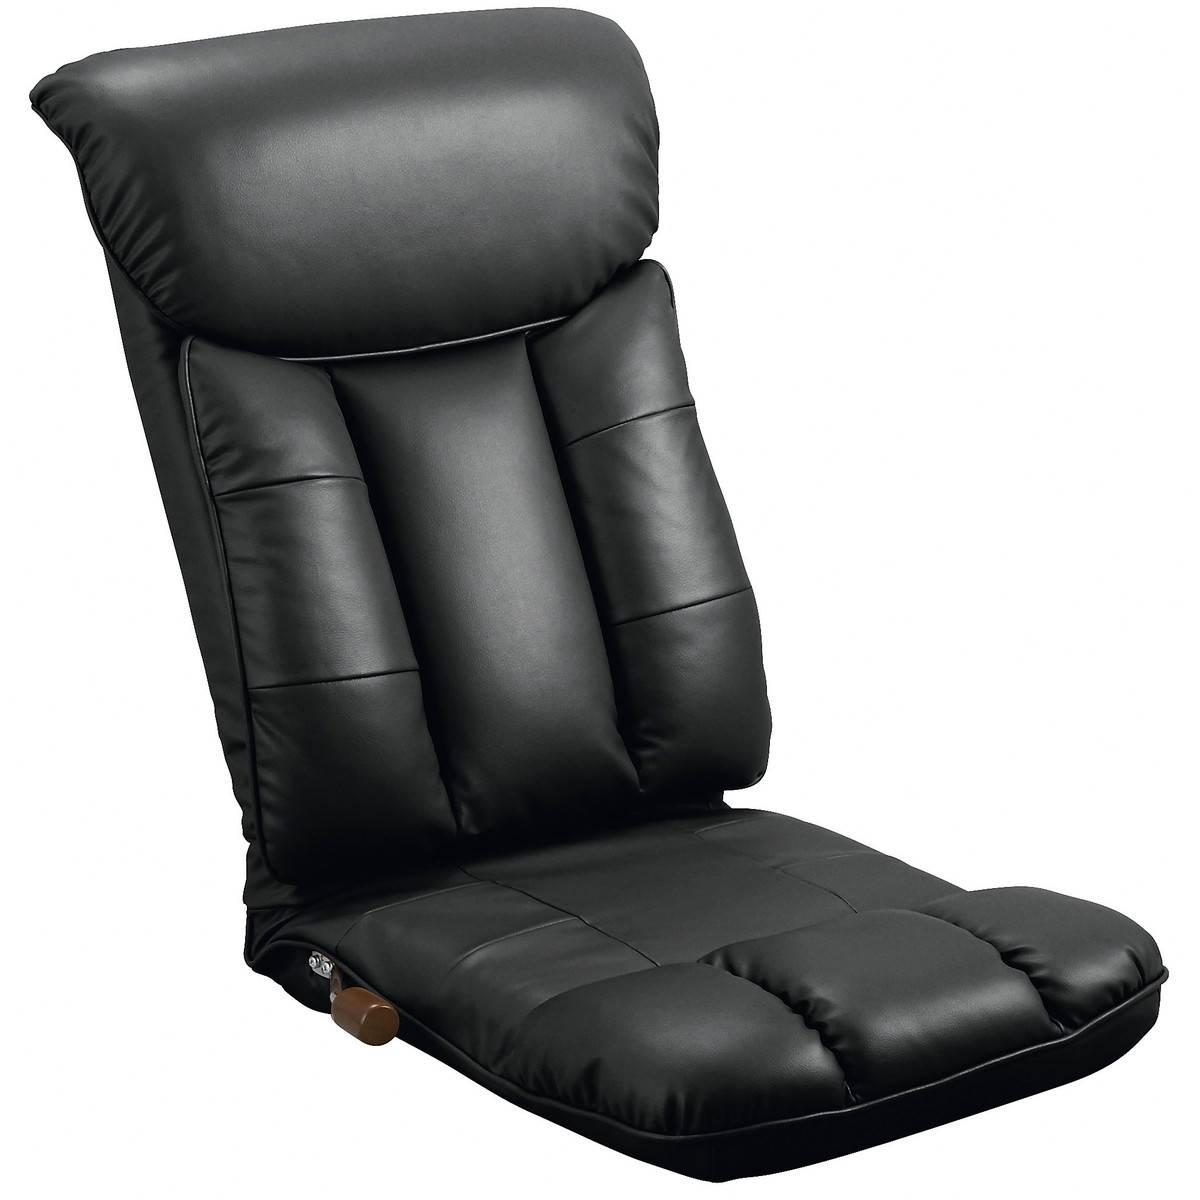 日本製 スーパーソフトレザー リクライニング 座椅子 (ブラック)